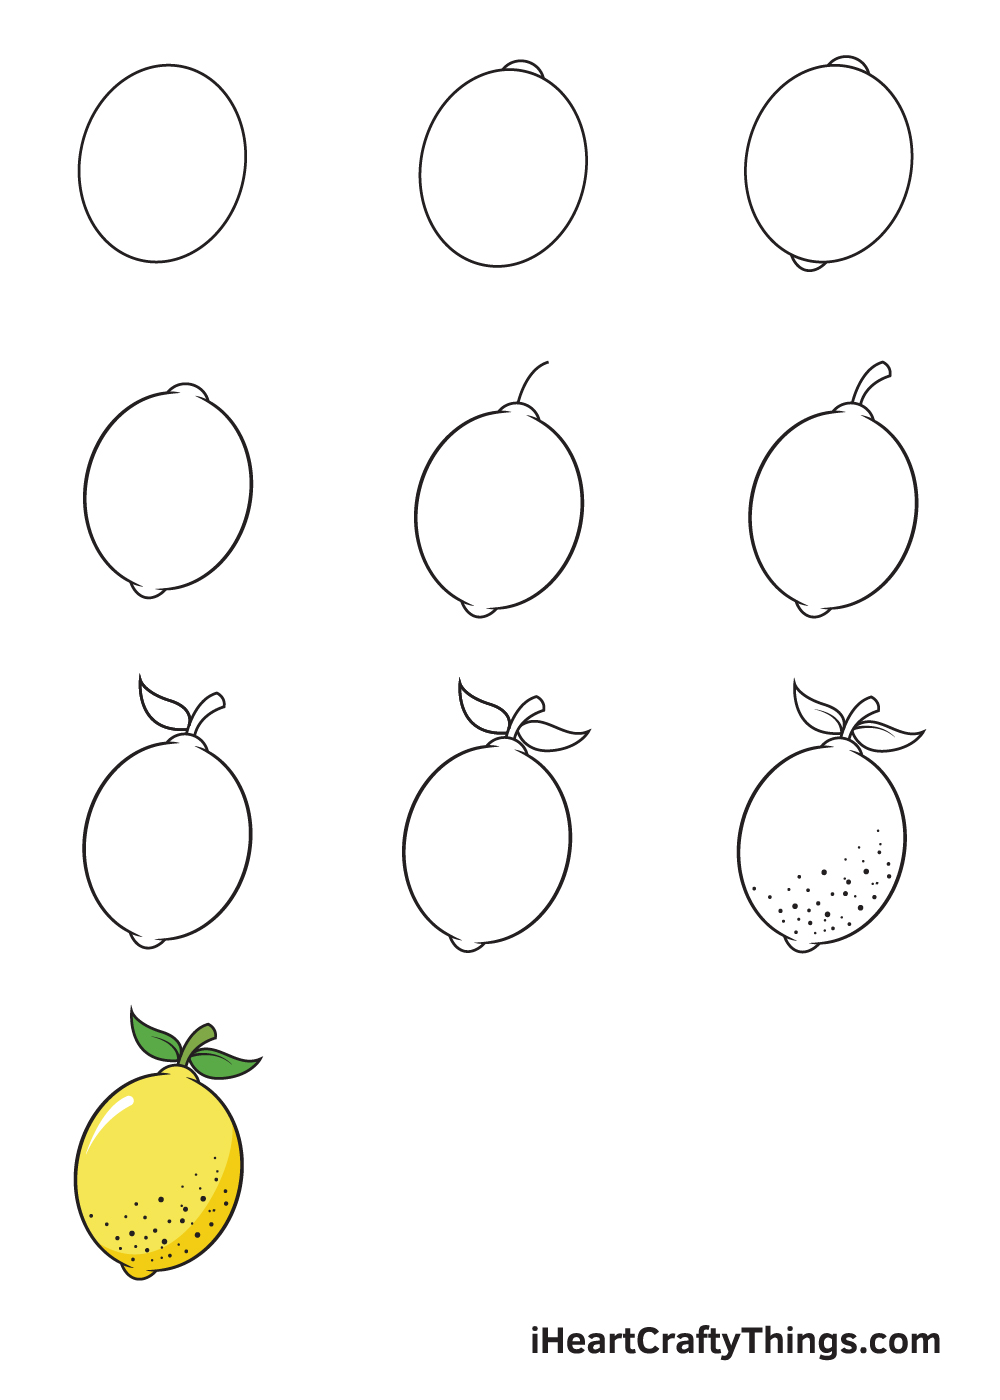 drawing lemon in 9 steps